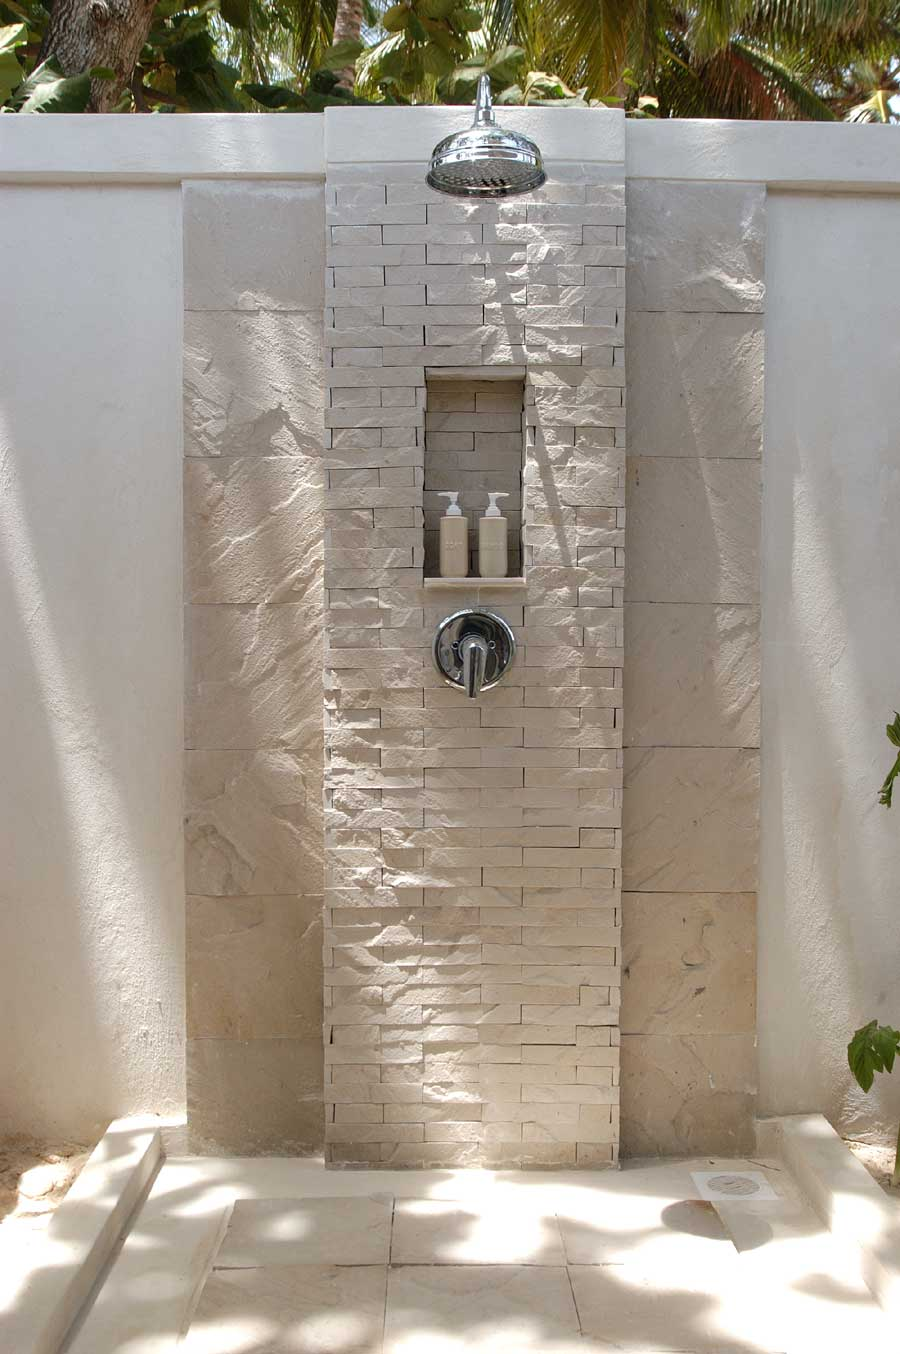 Au endusche gartengestaltung mit dusche im au enbereich - Duchas exteriores para piscinas ...